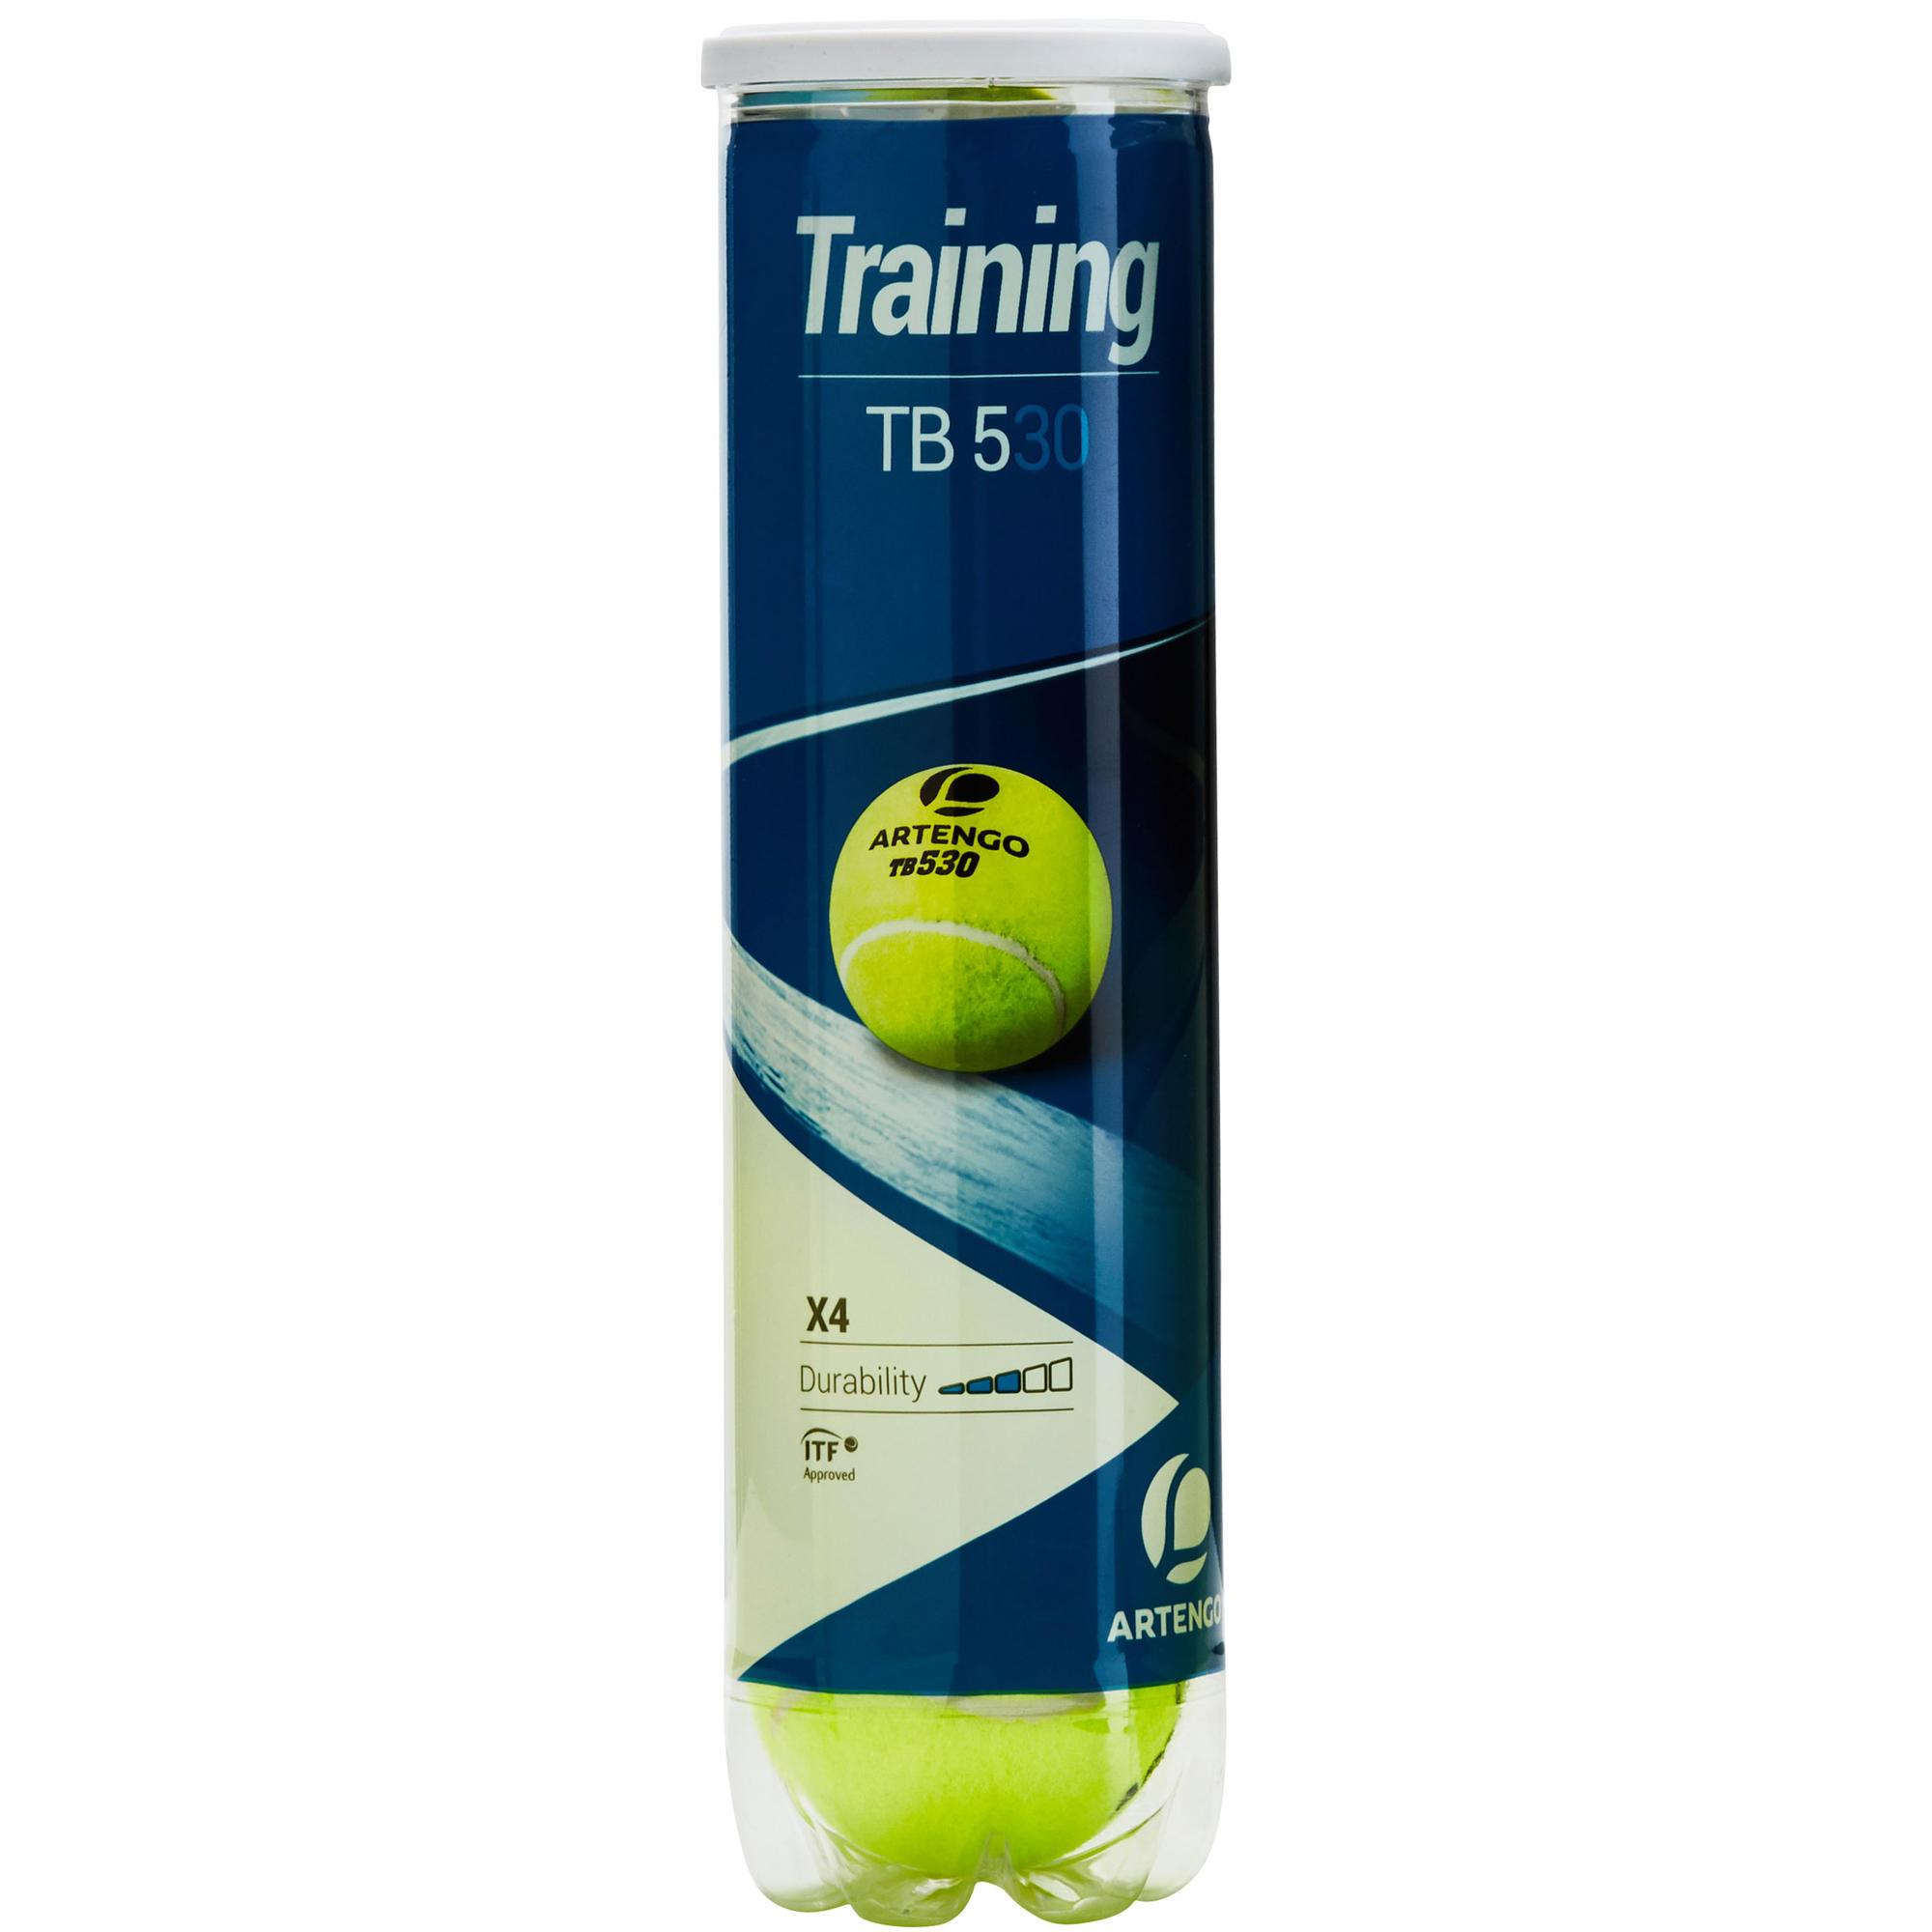 balles de tennis entrainement tb 530 4 jaune artengo